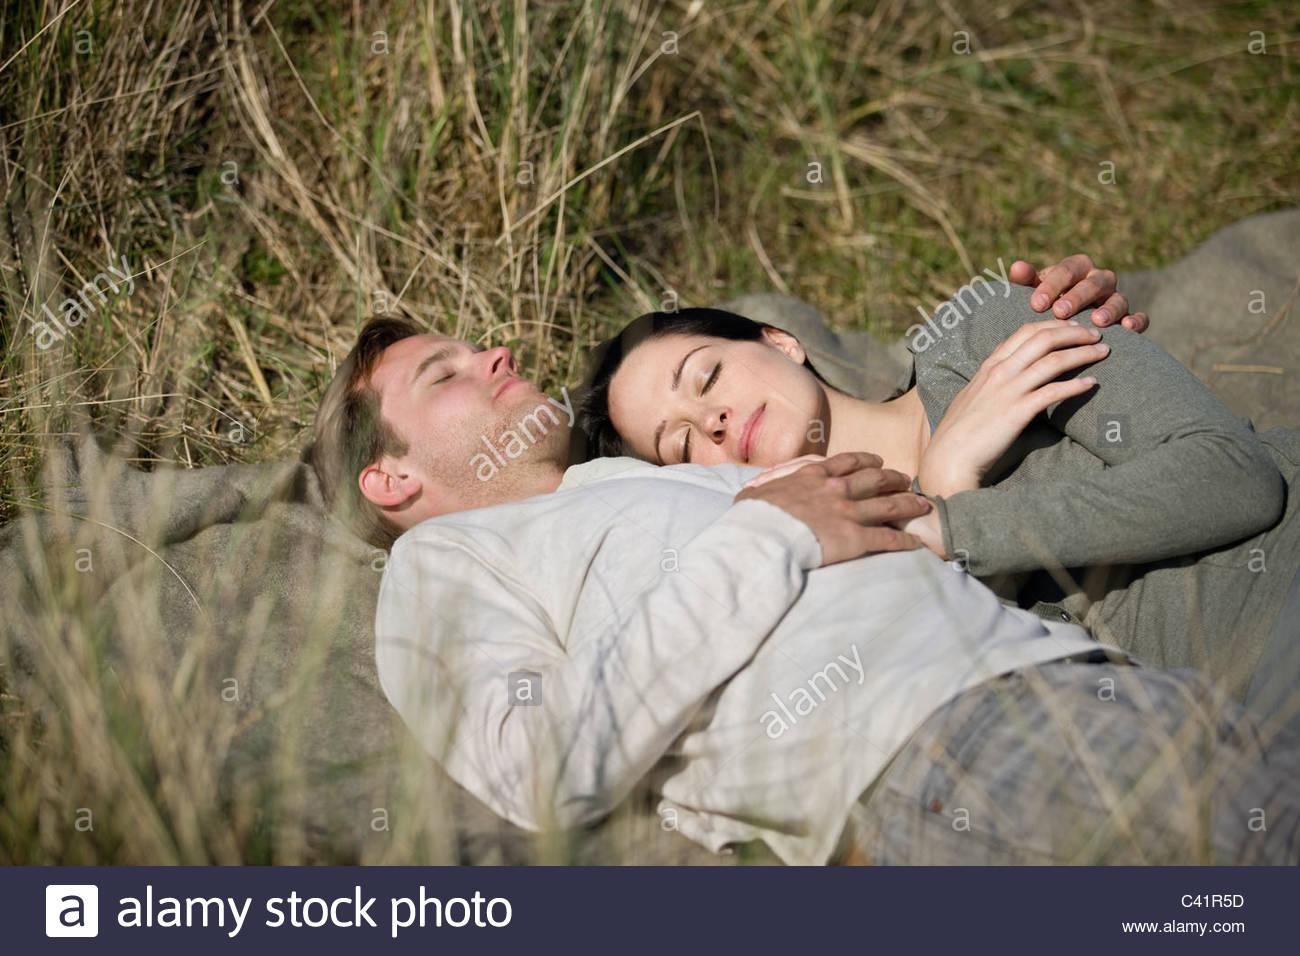 Una mujer embarazada y su pareja durmiendo en entre Pasto largo Imagen De Stock